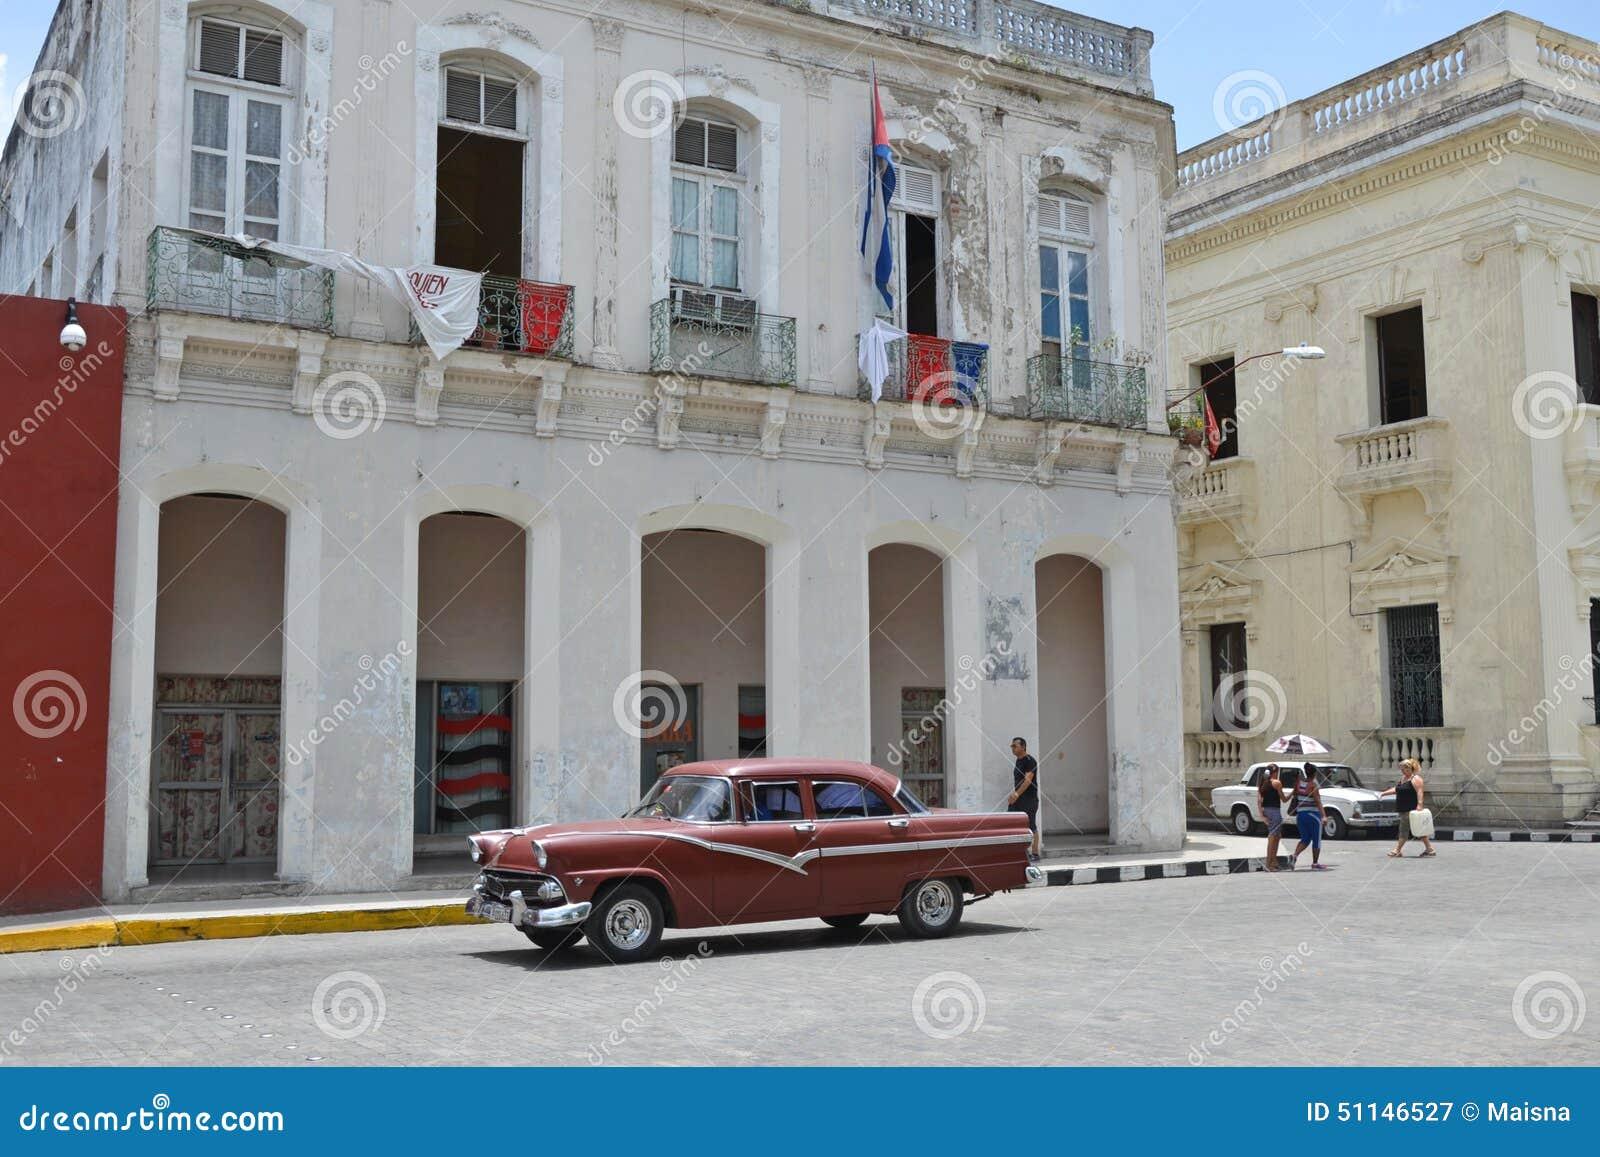 Santa Clara Car